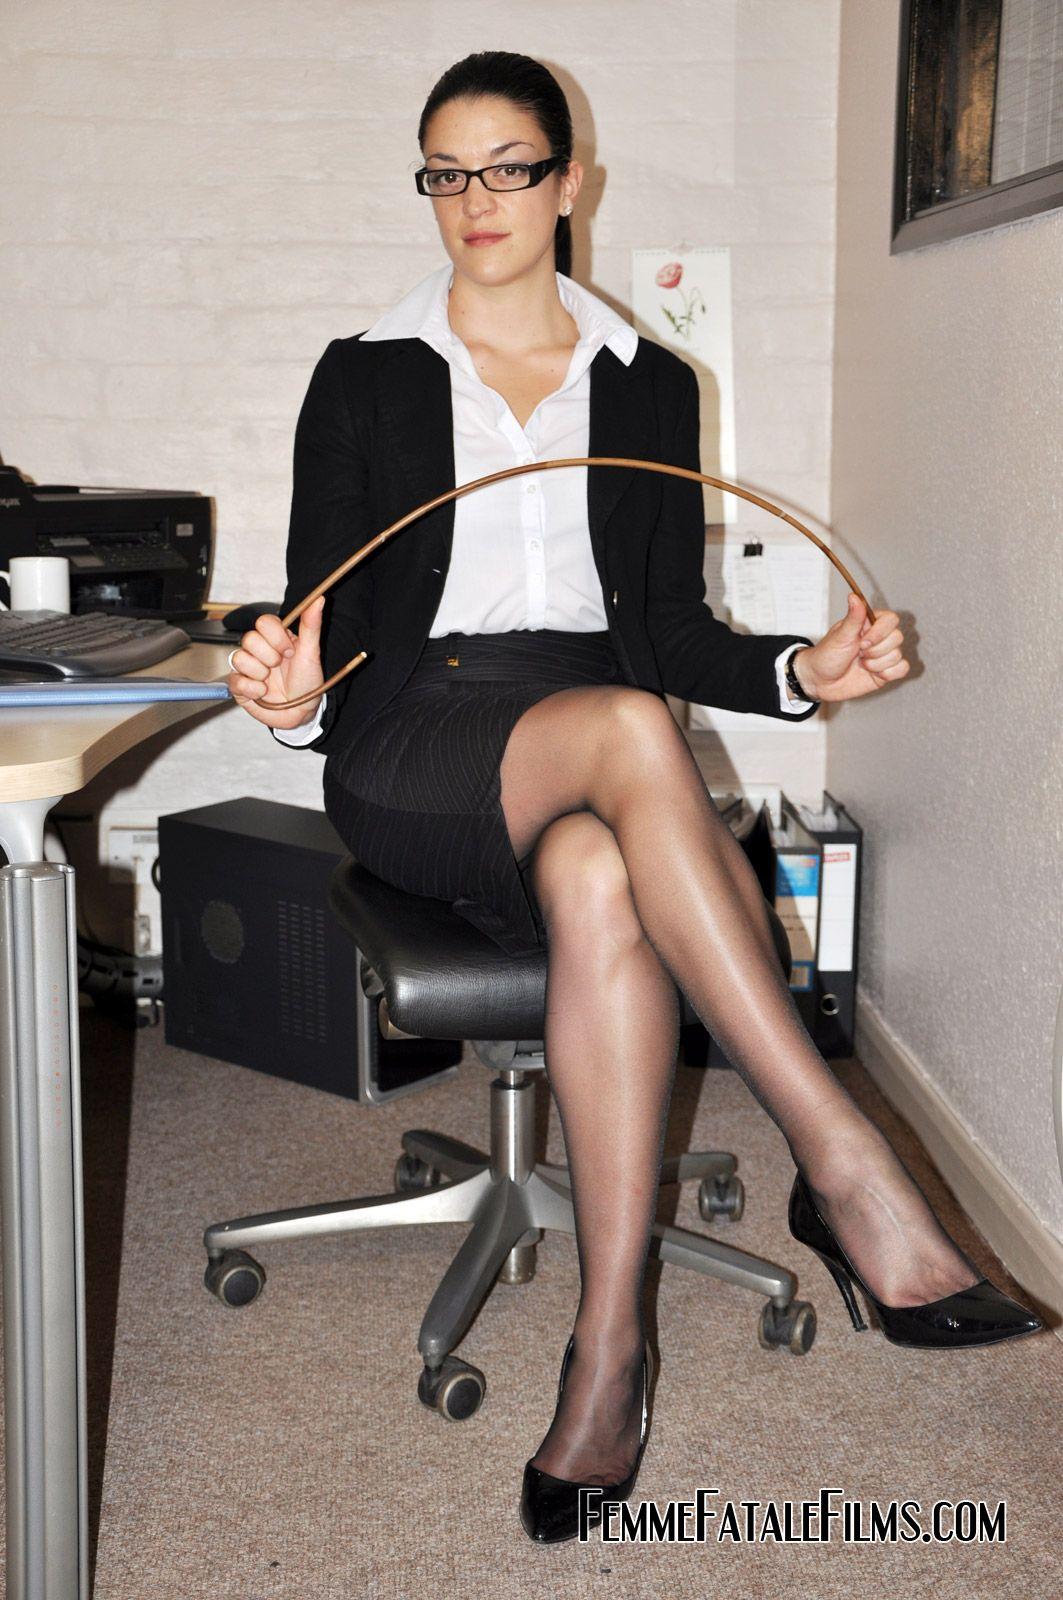 Spankedbymistress Nbspanking How Many Strokes Do You